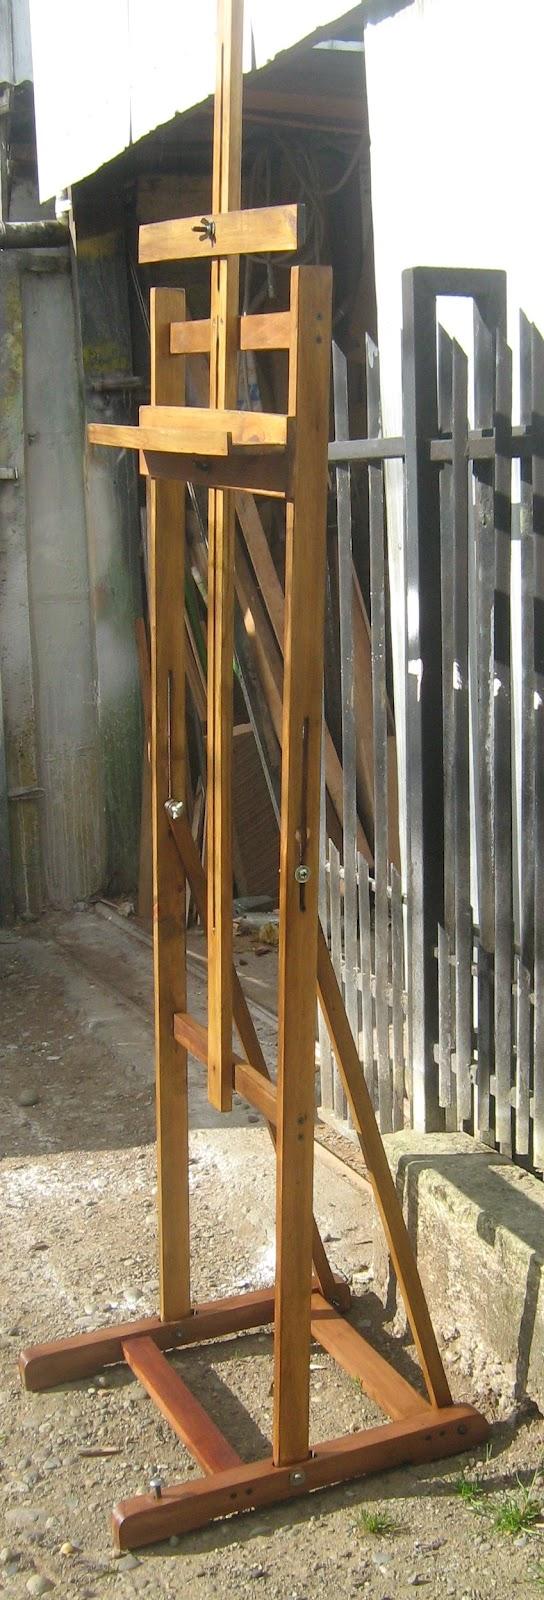 Atril fabricaci n de muebles puertas y ventanas en osorno chile - Muebles atril ...